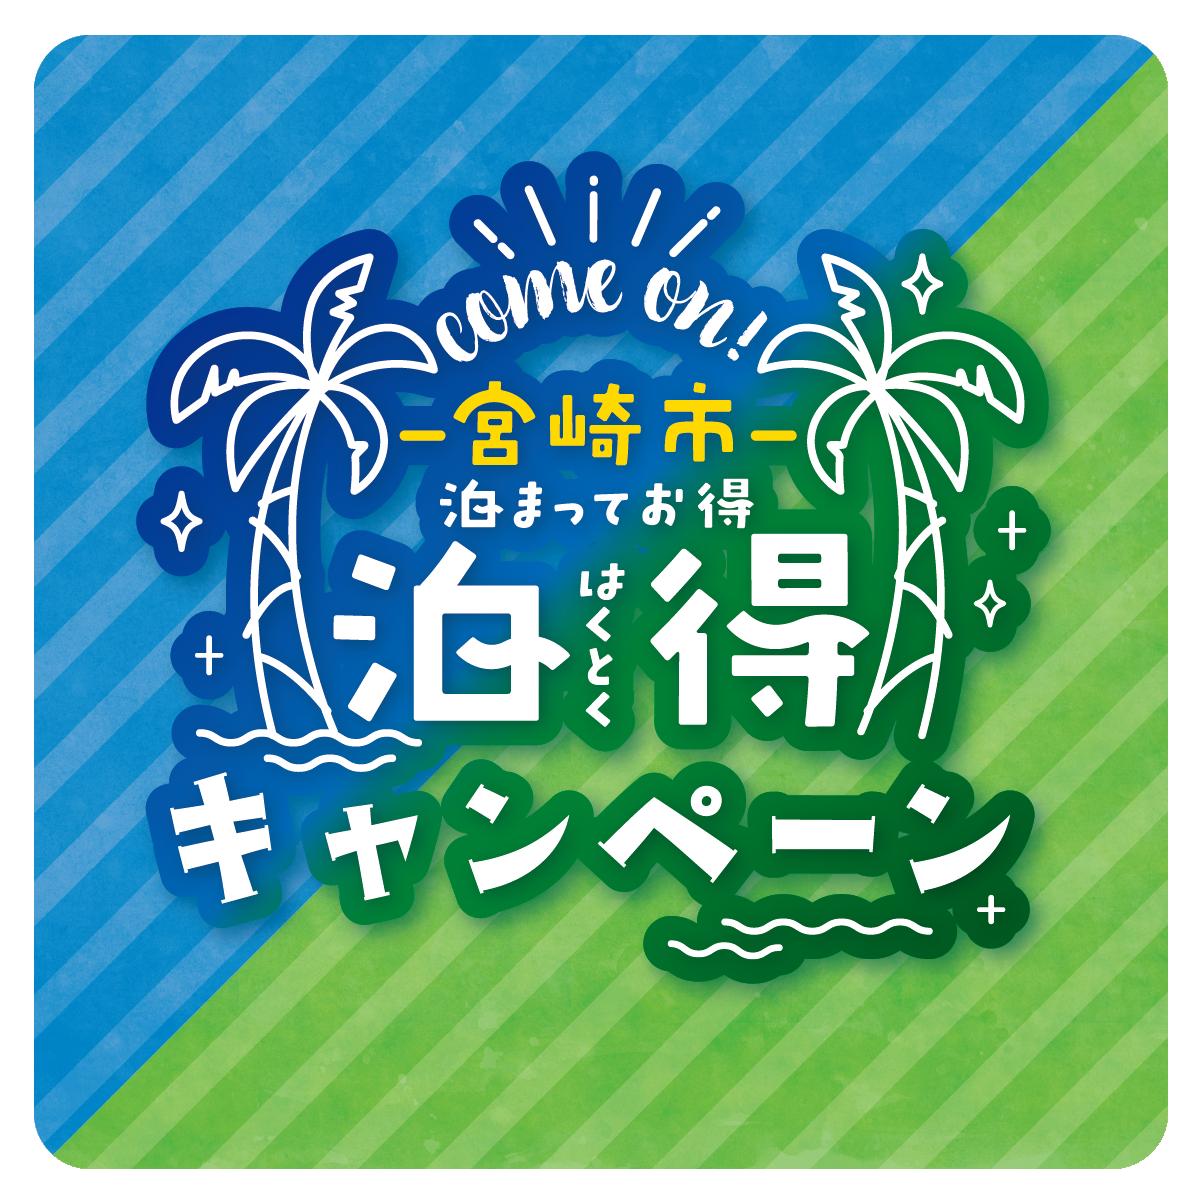 【泊得CP】焼肉・鉄板焼ステーキ 橘通りミヤチク-1